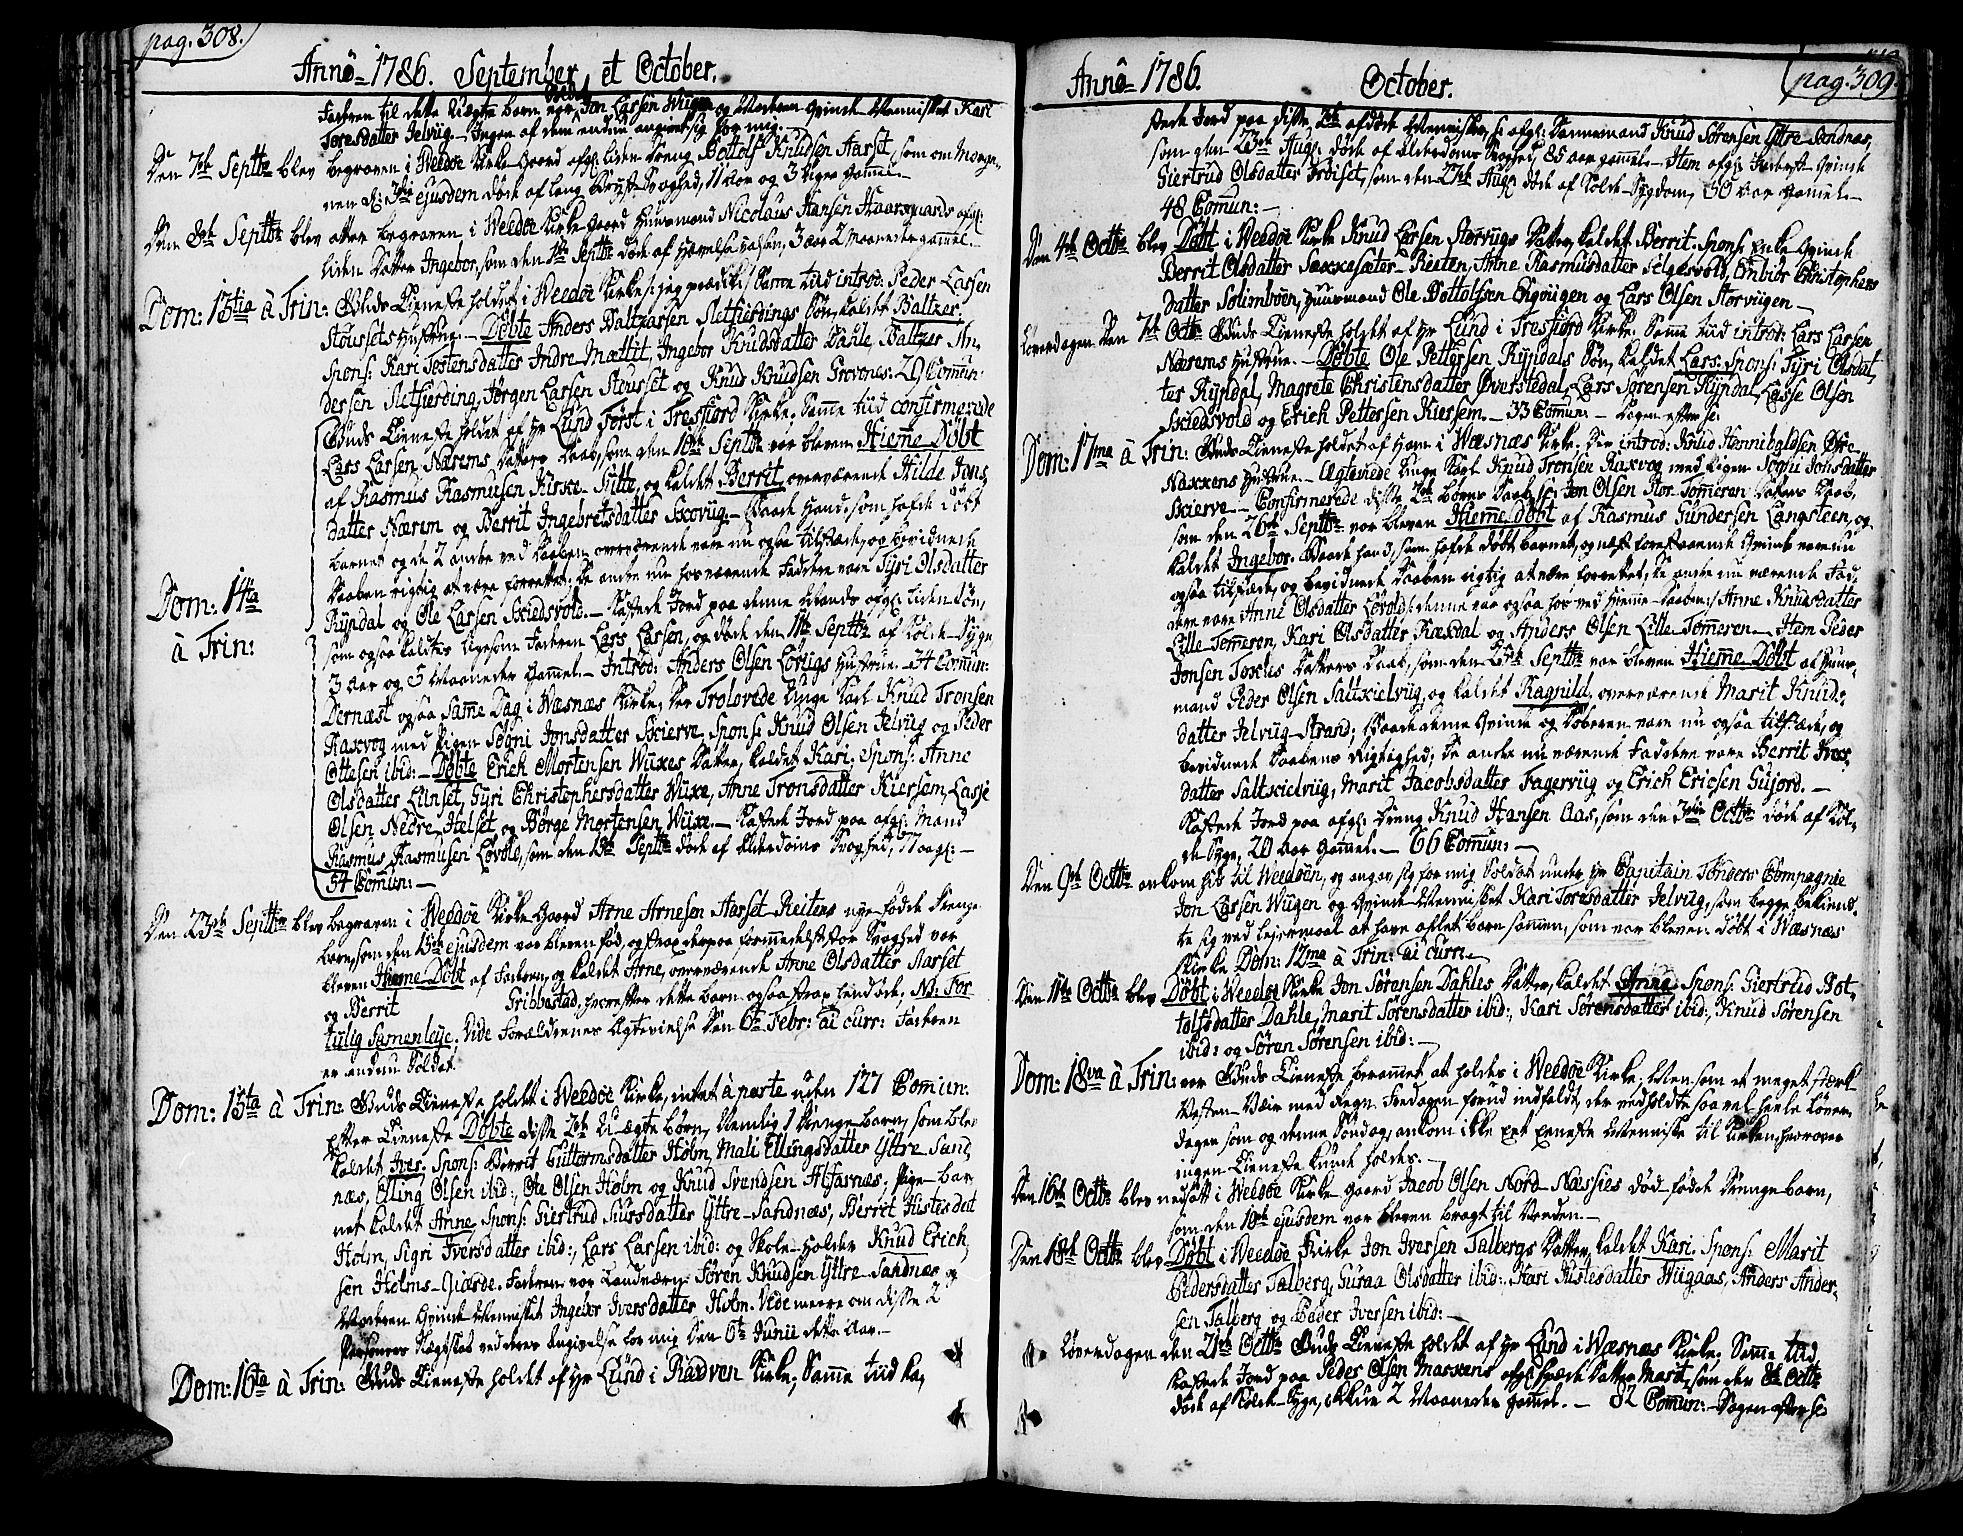 SAT, Ministerialprotokoller, klokkerbøker og fødselsregistre - Møre og Romsdal, 547/L0600: Ministerialbok nr. 547A02, 1765-1799, s. 308-309